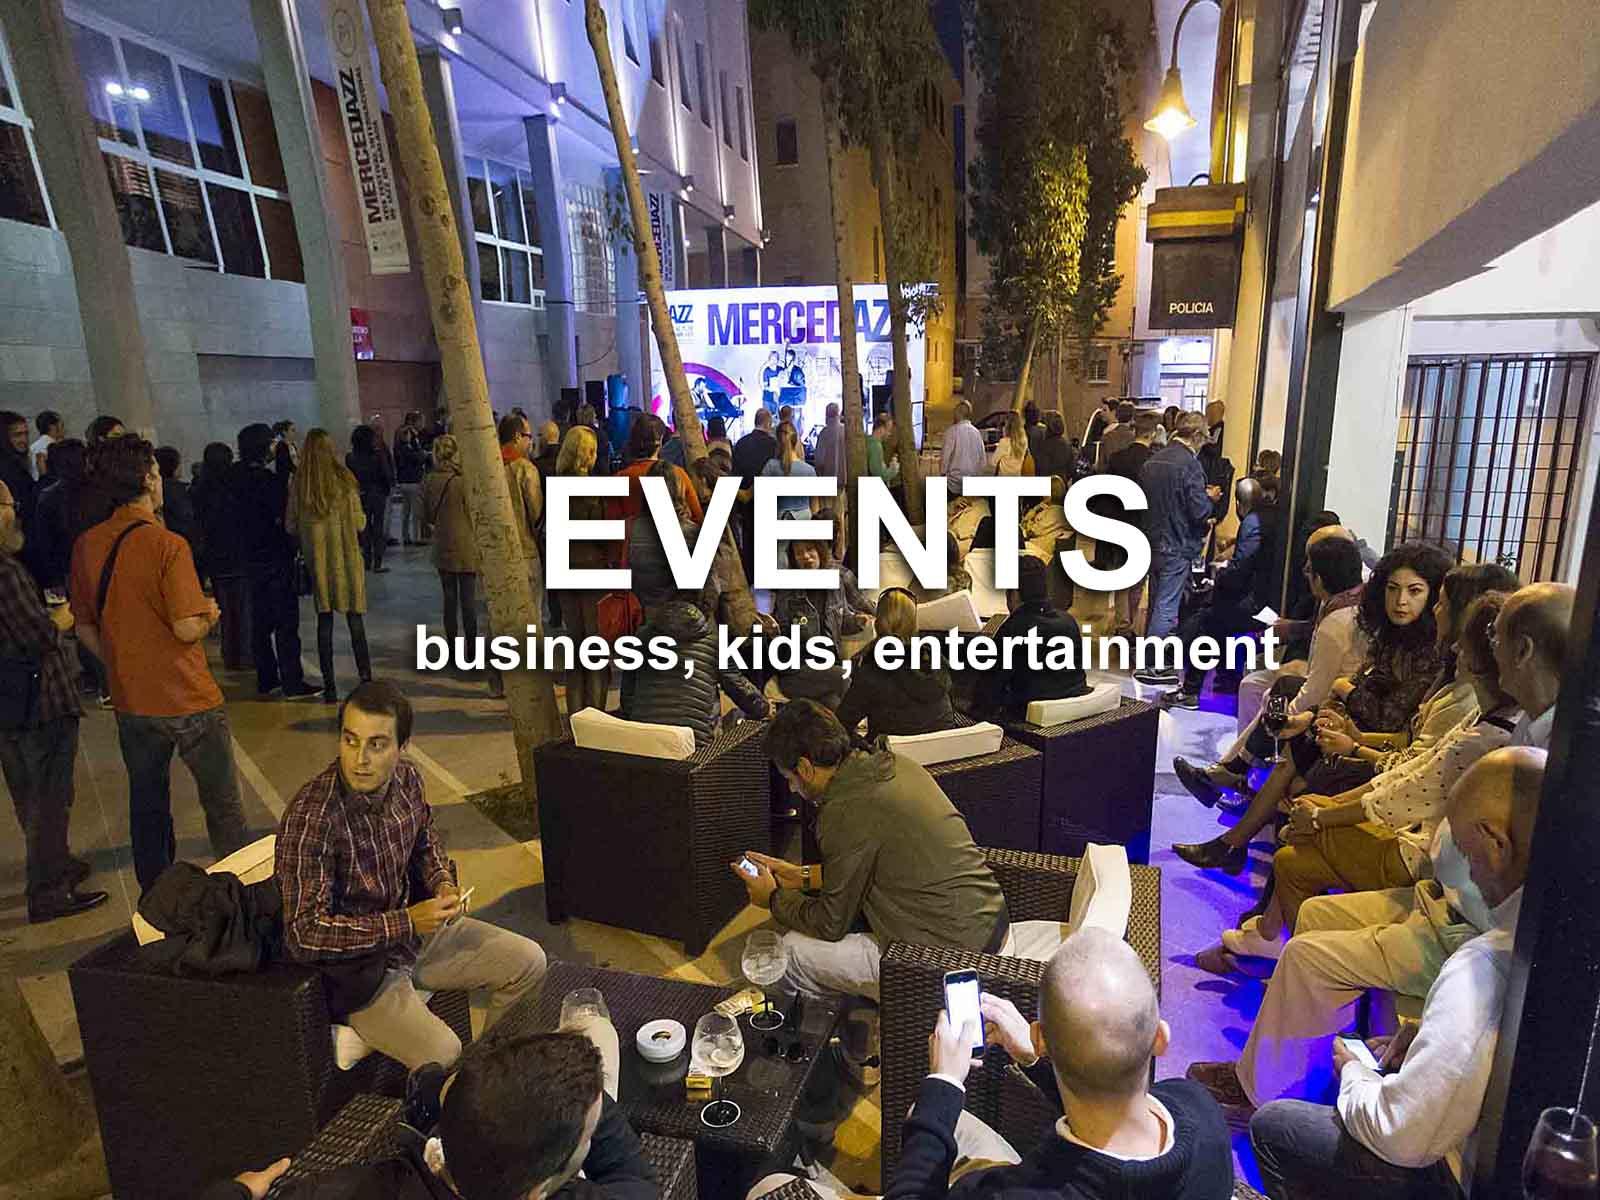 05_Mercado_Merced_events_1600x1200